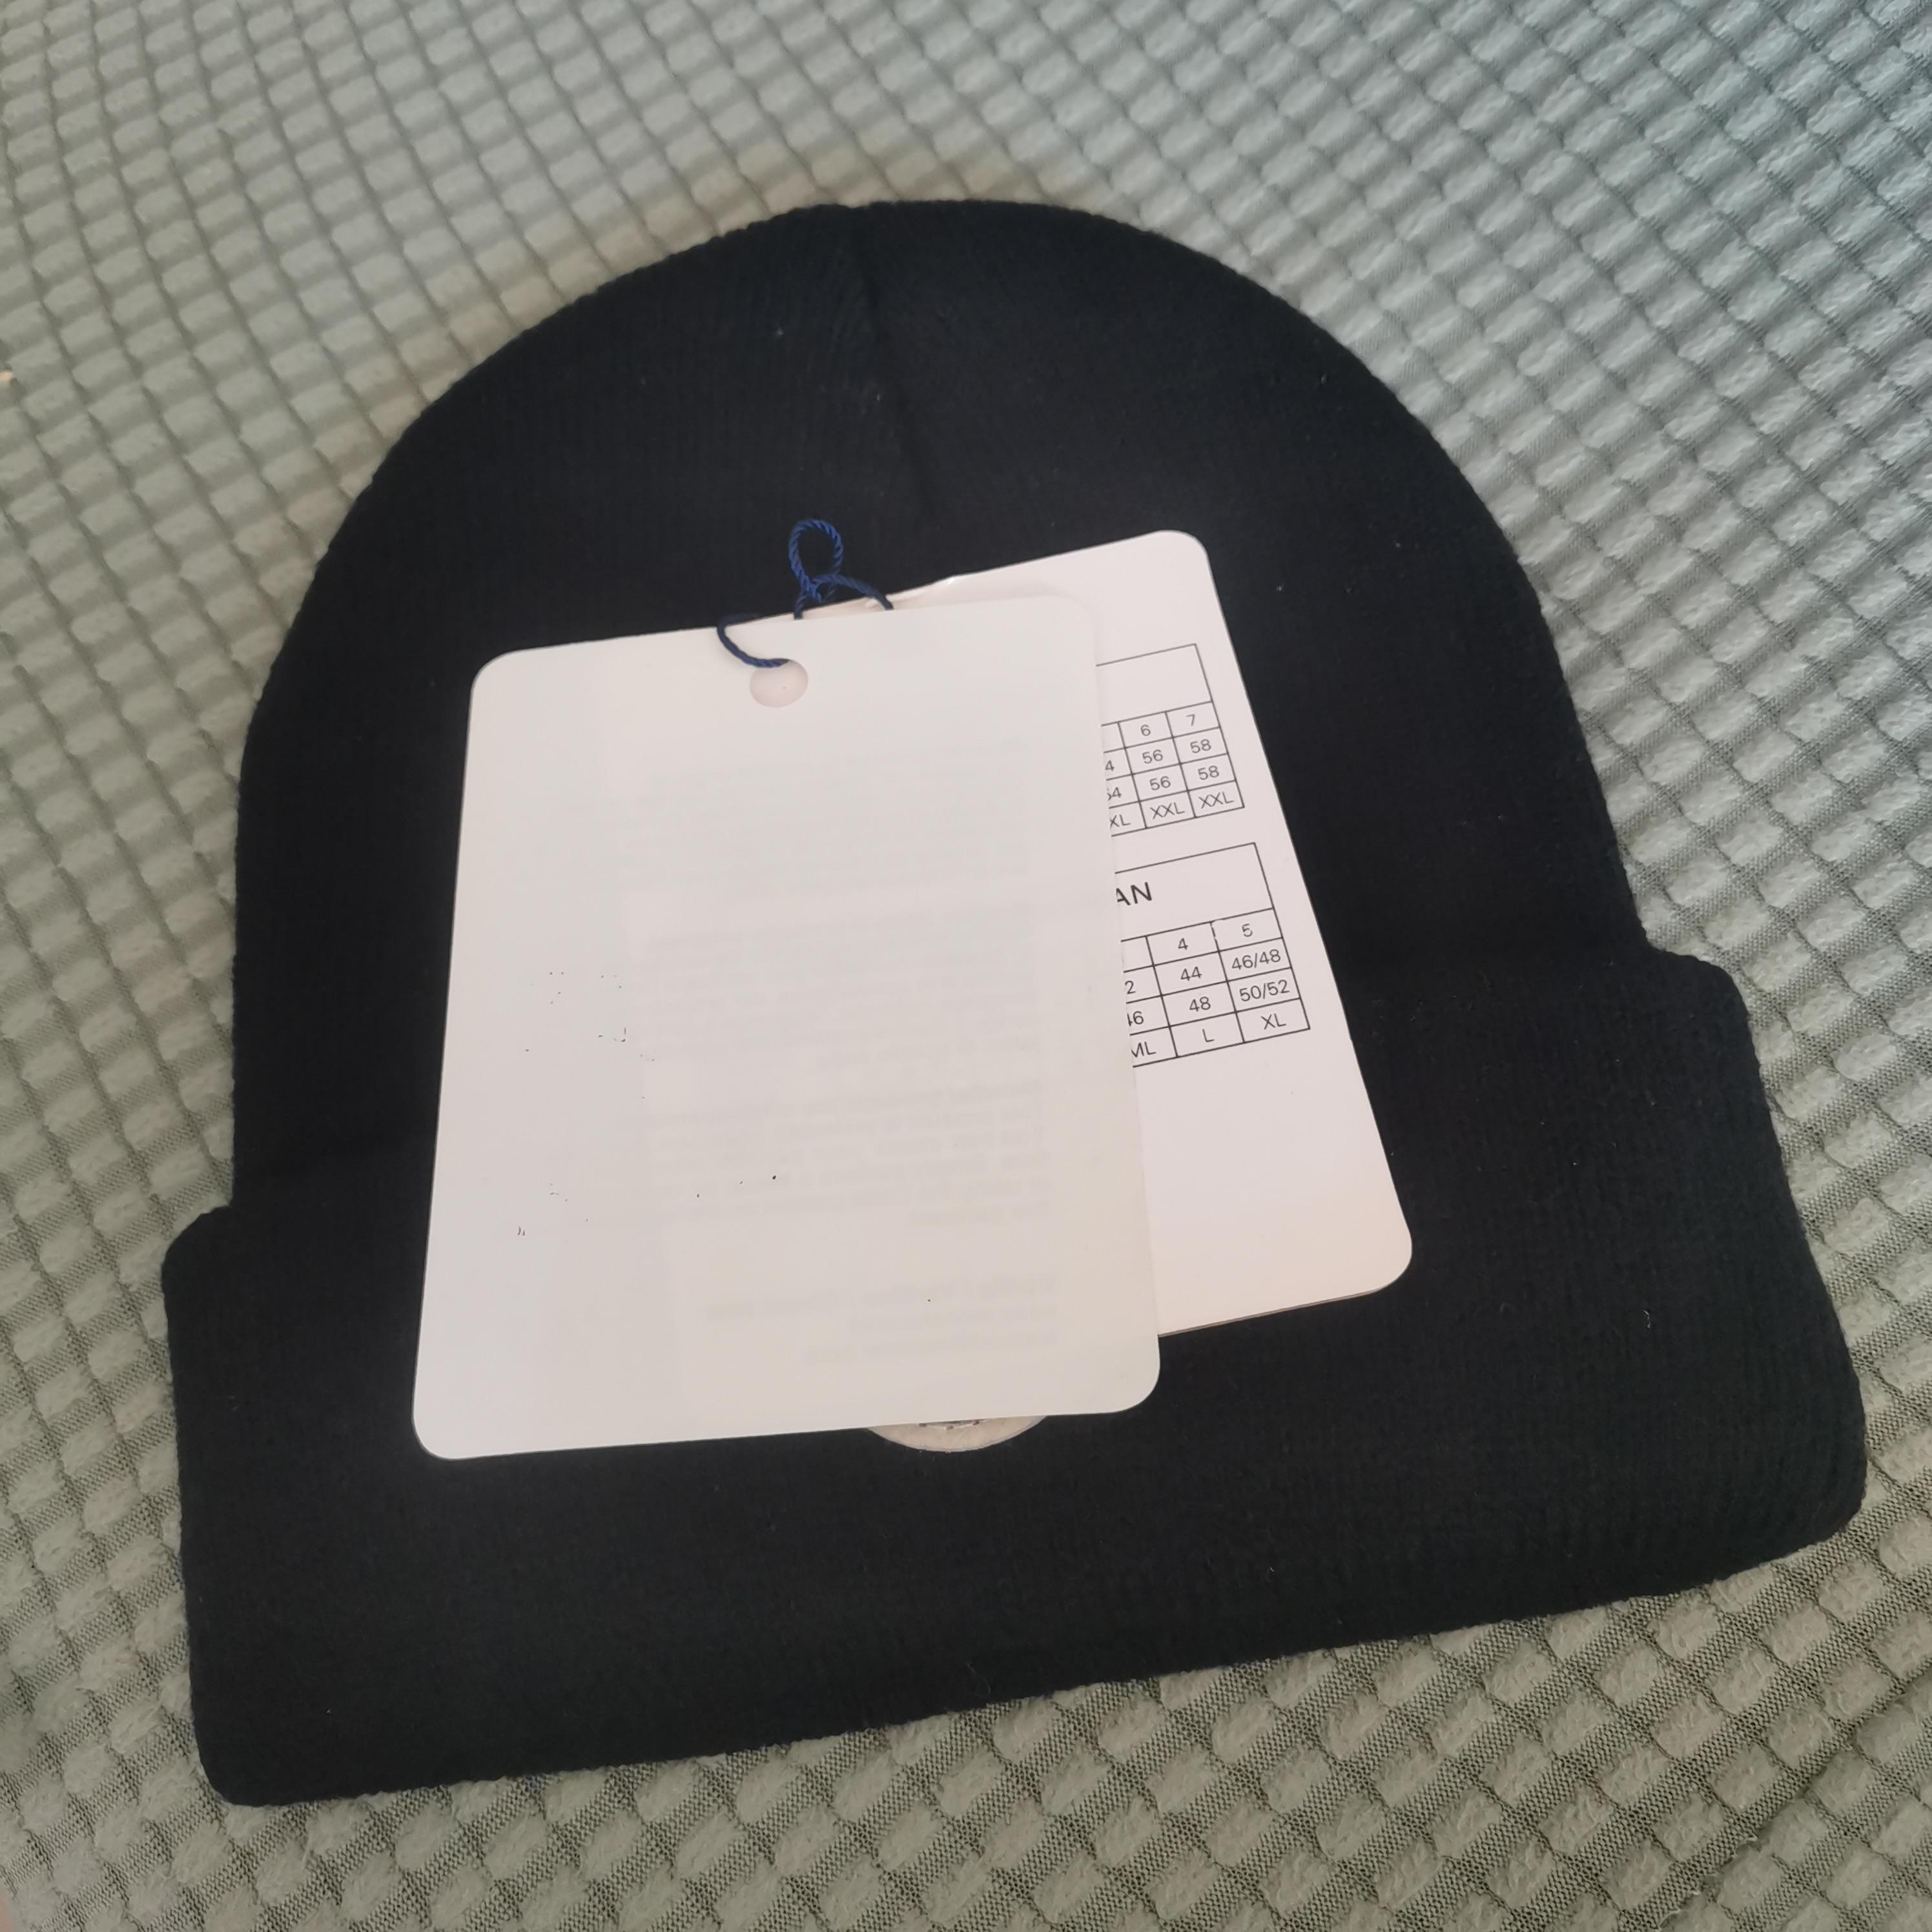 2021 национальная Марка, современная шапка унисекс, шапка из хлопка и шерсти, Смешанная тканая шапка, теплая торговая марка, шапка для взрослы...